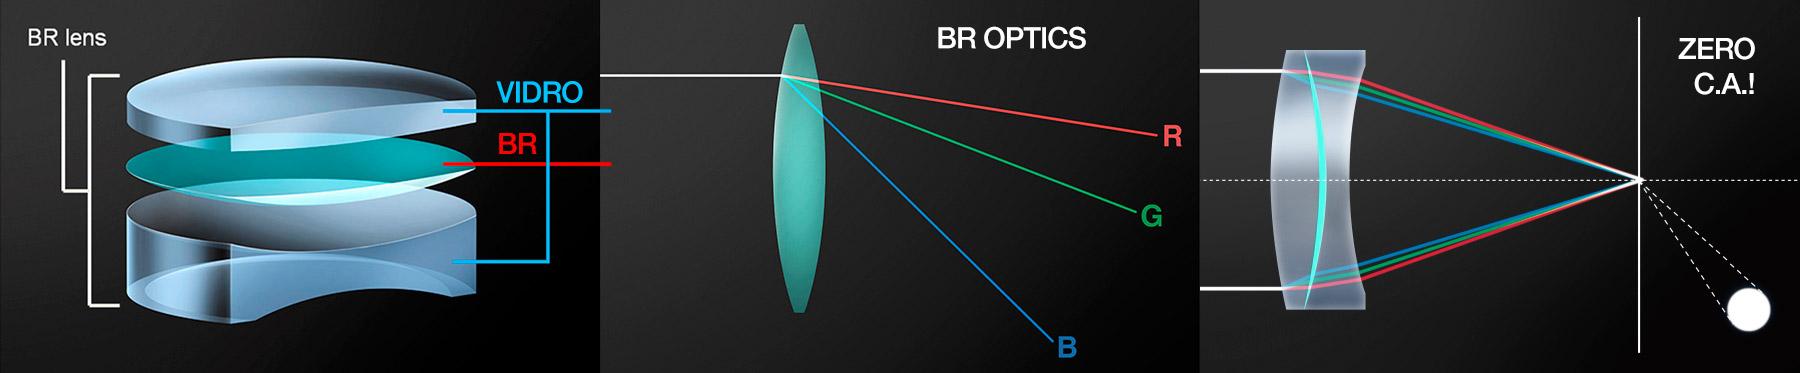 O elemento BR tem alto índice de refração do espectro azul, para focagem precisa da luz. [créditos: Canon HK]